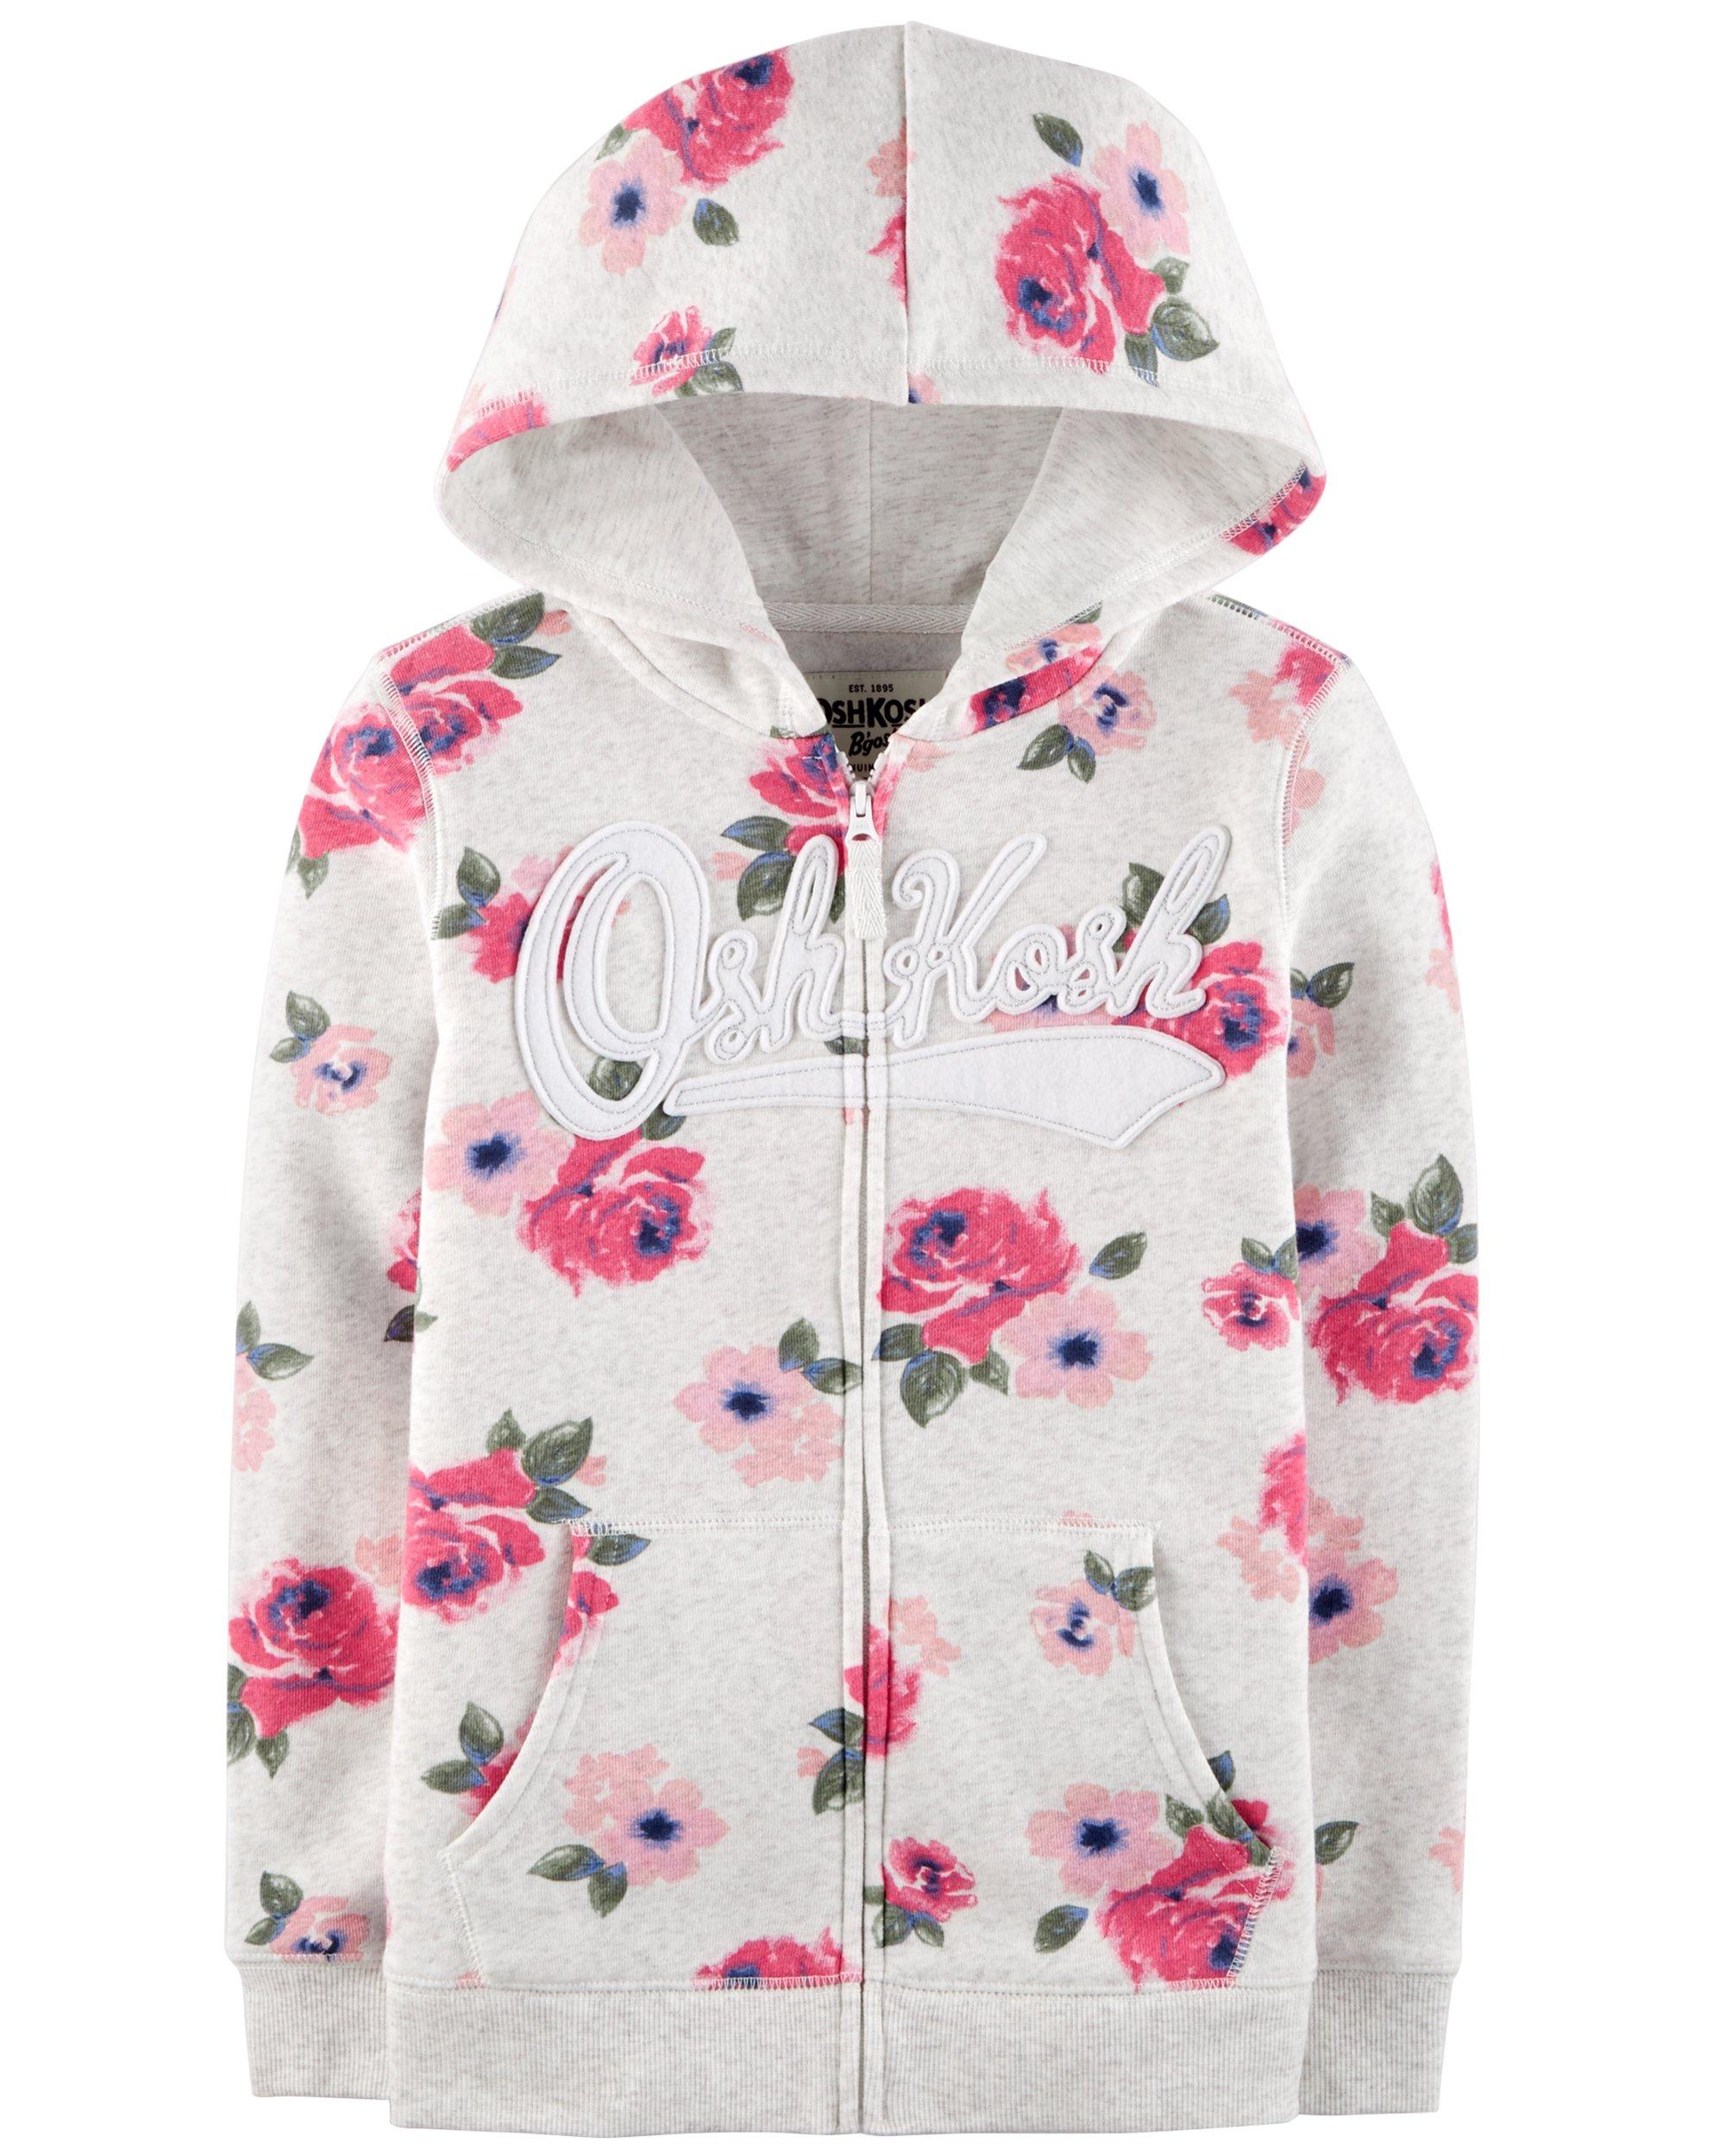 Osh Kosh Girls' Toddler Full Zip Logo Hoodie, Grey Floral, 4T